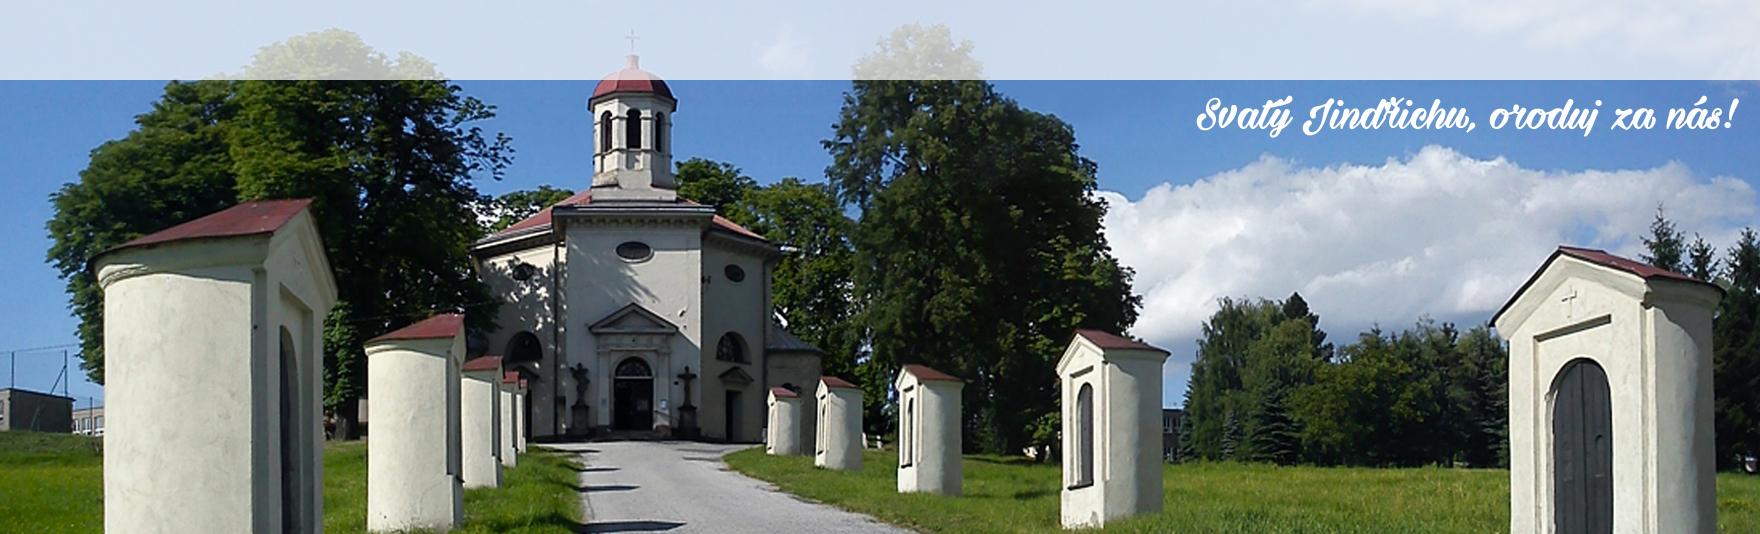 Církev putující, pohotová a rozhodná